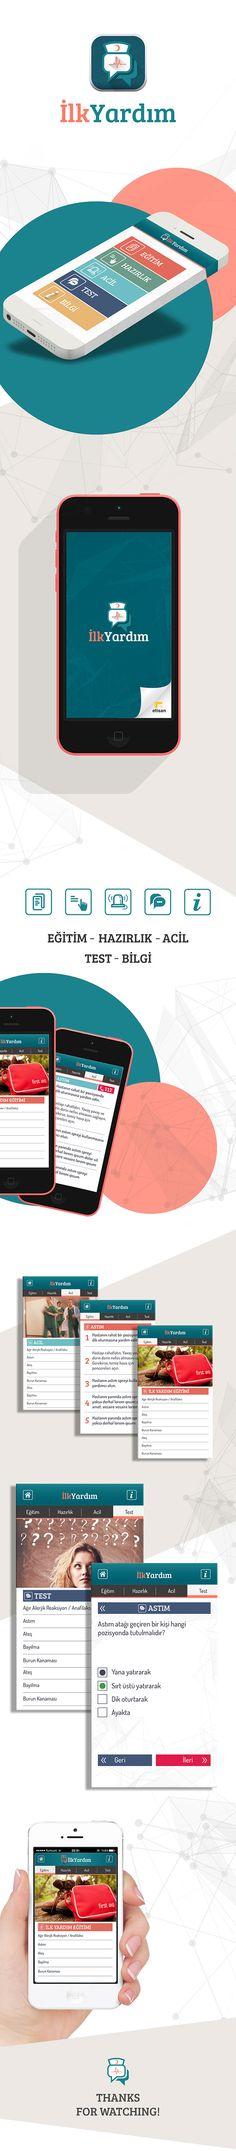 İlk Yardım Mobil Uygulama on Behance